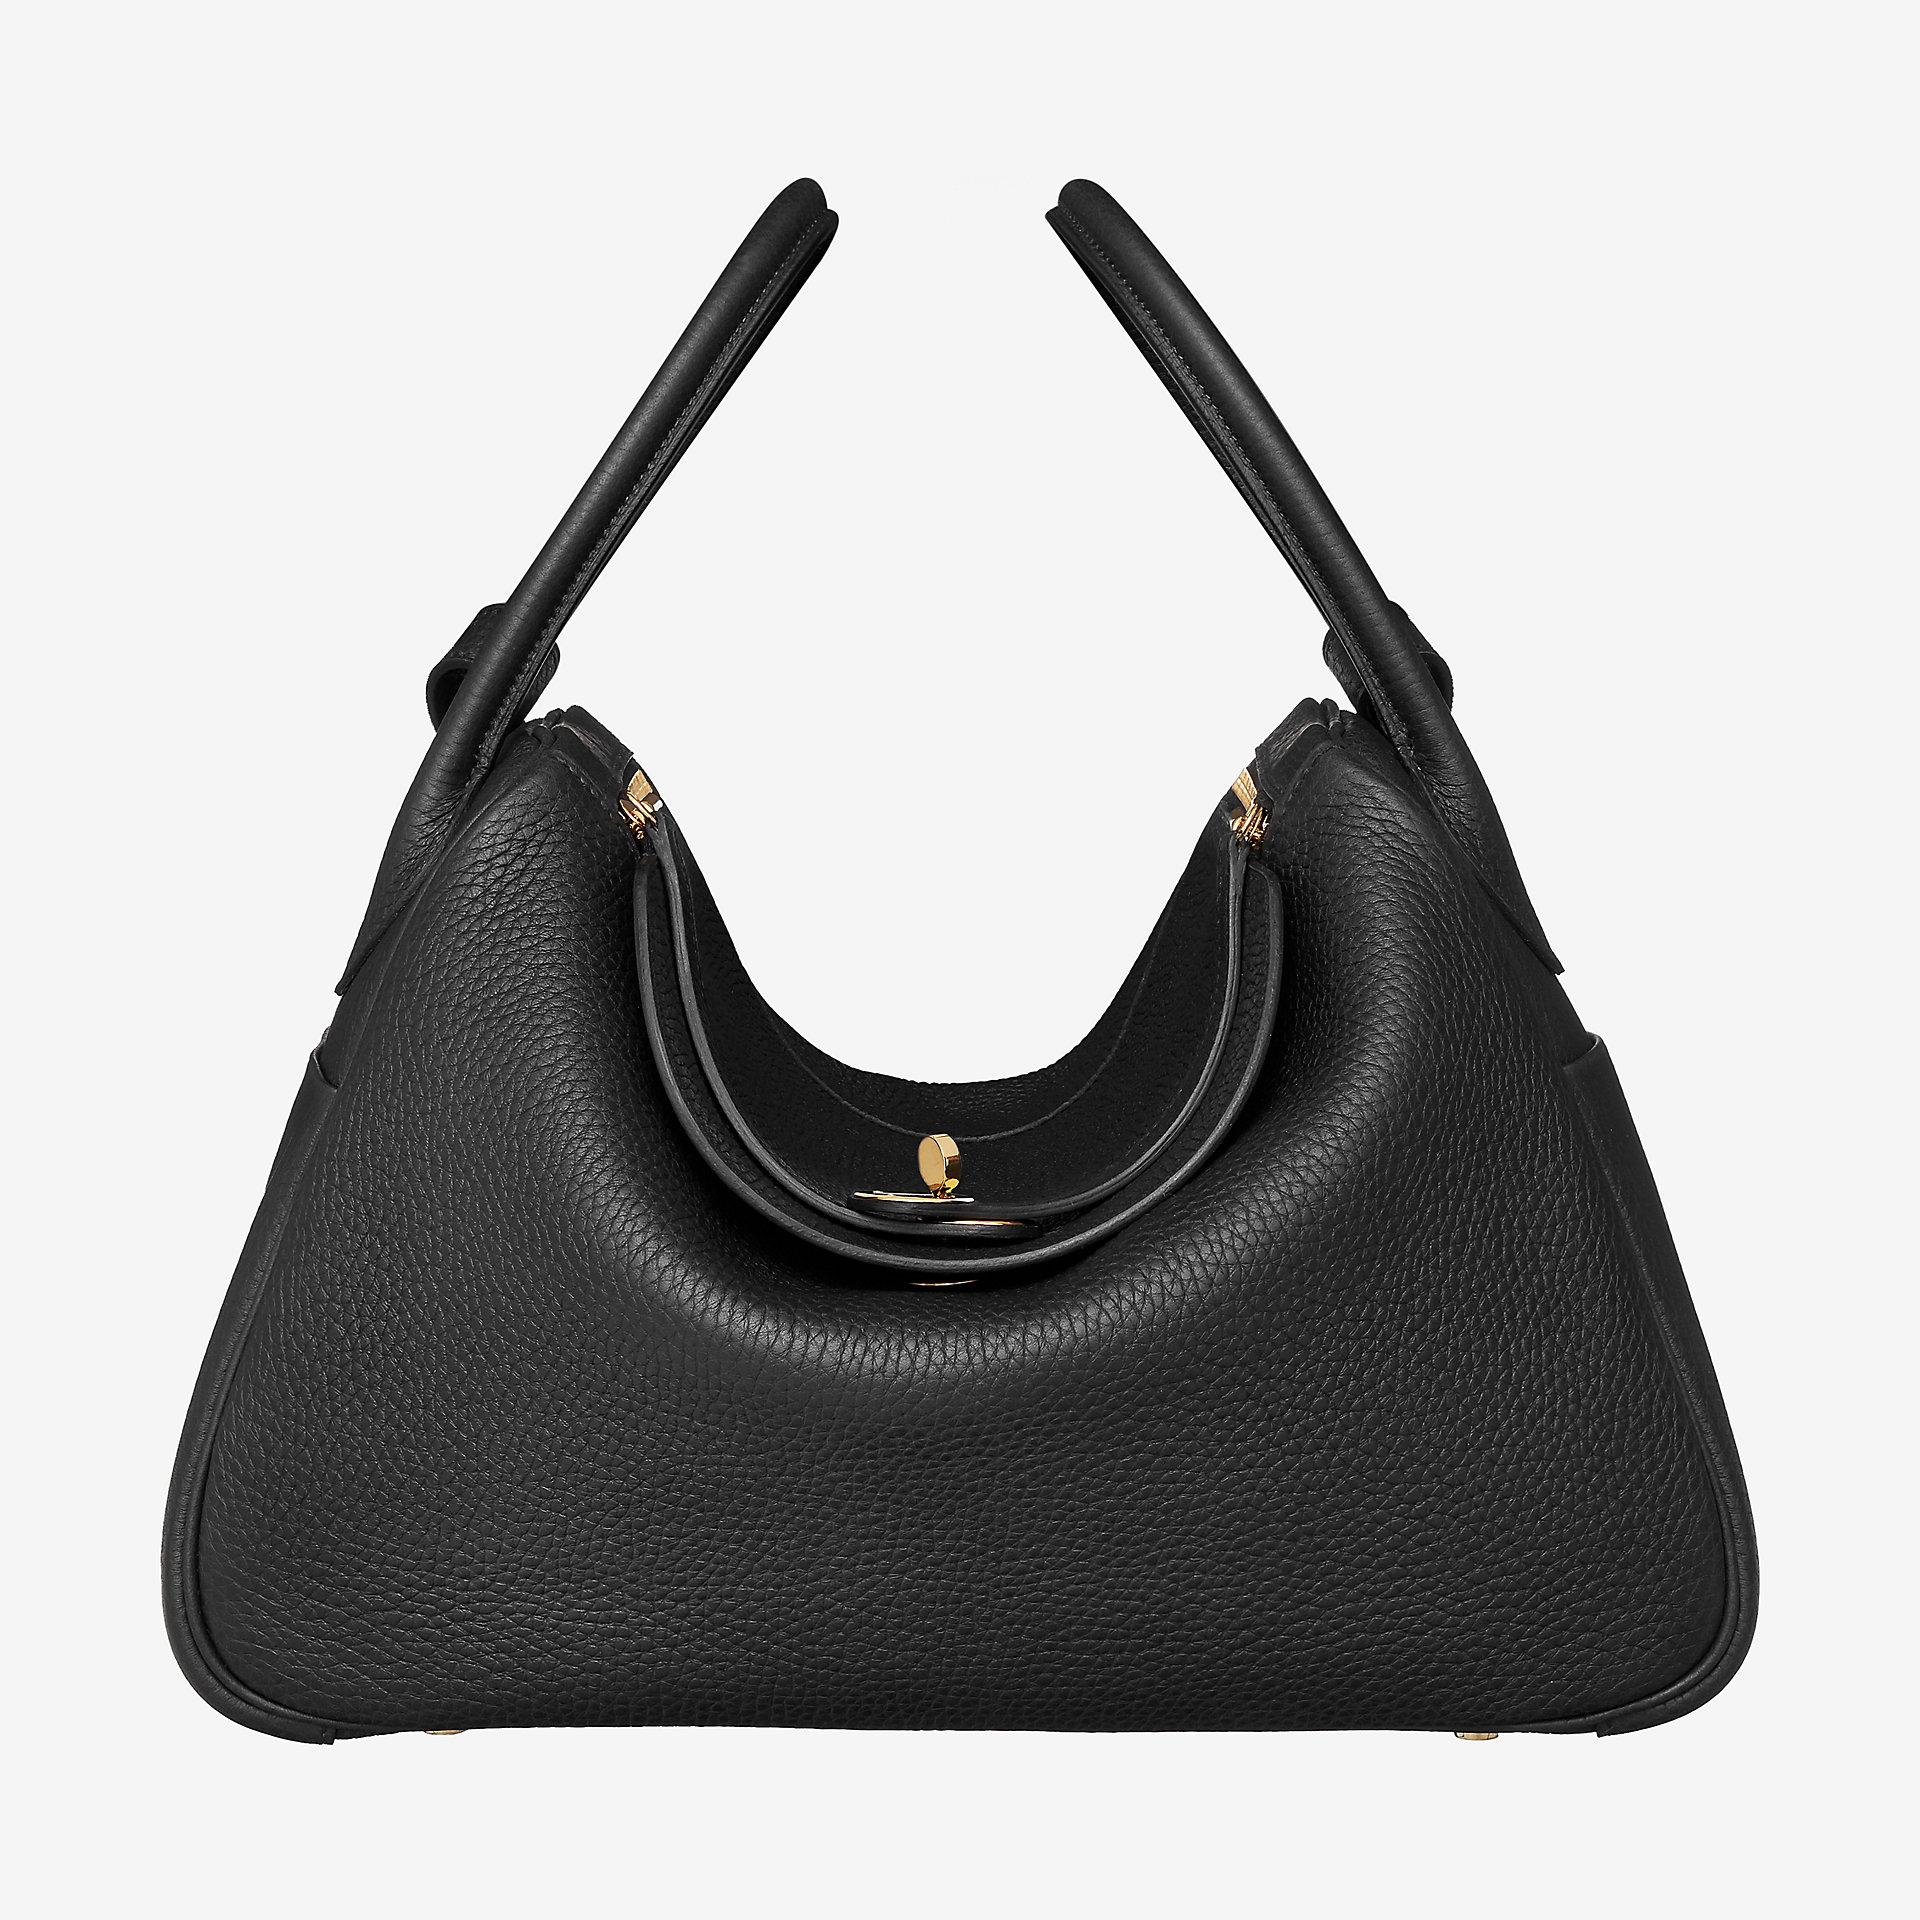 爱马仕官网中文官网 Hermes Lindy 34cm bag CC89 taurillon Clemence leather